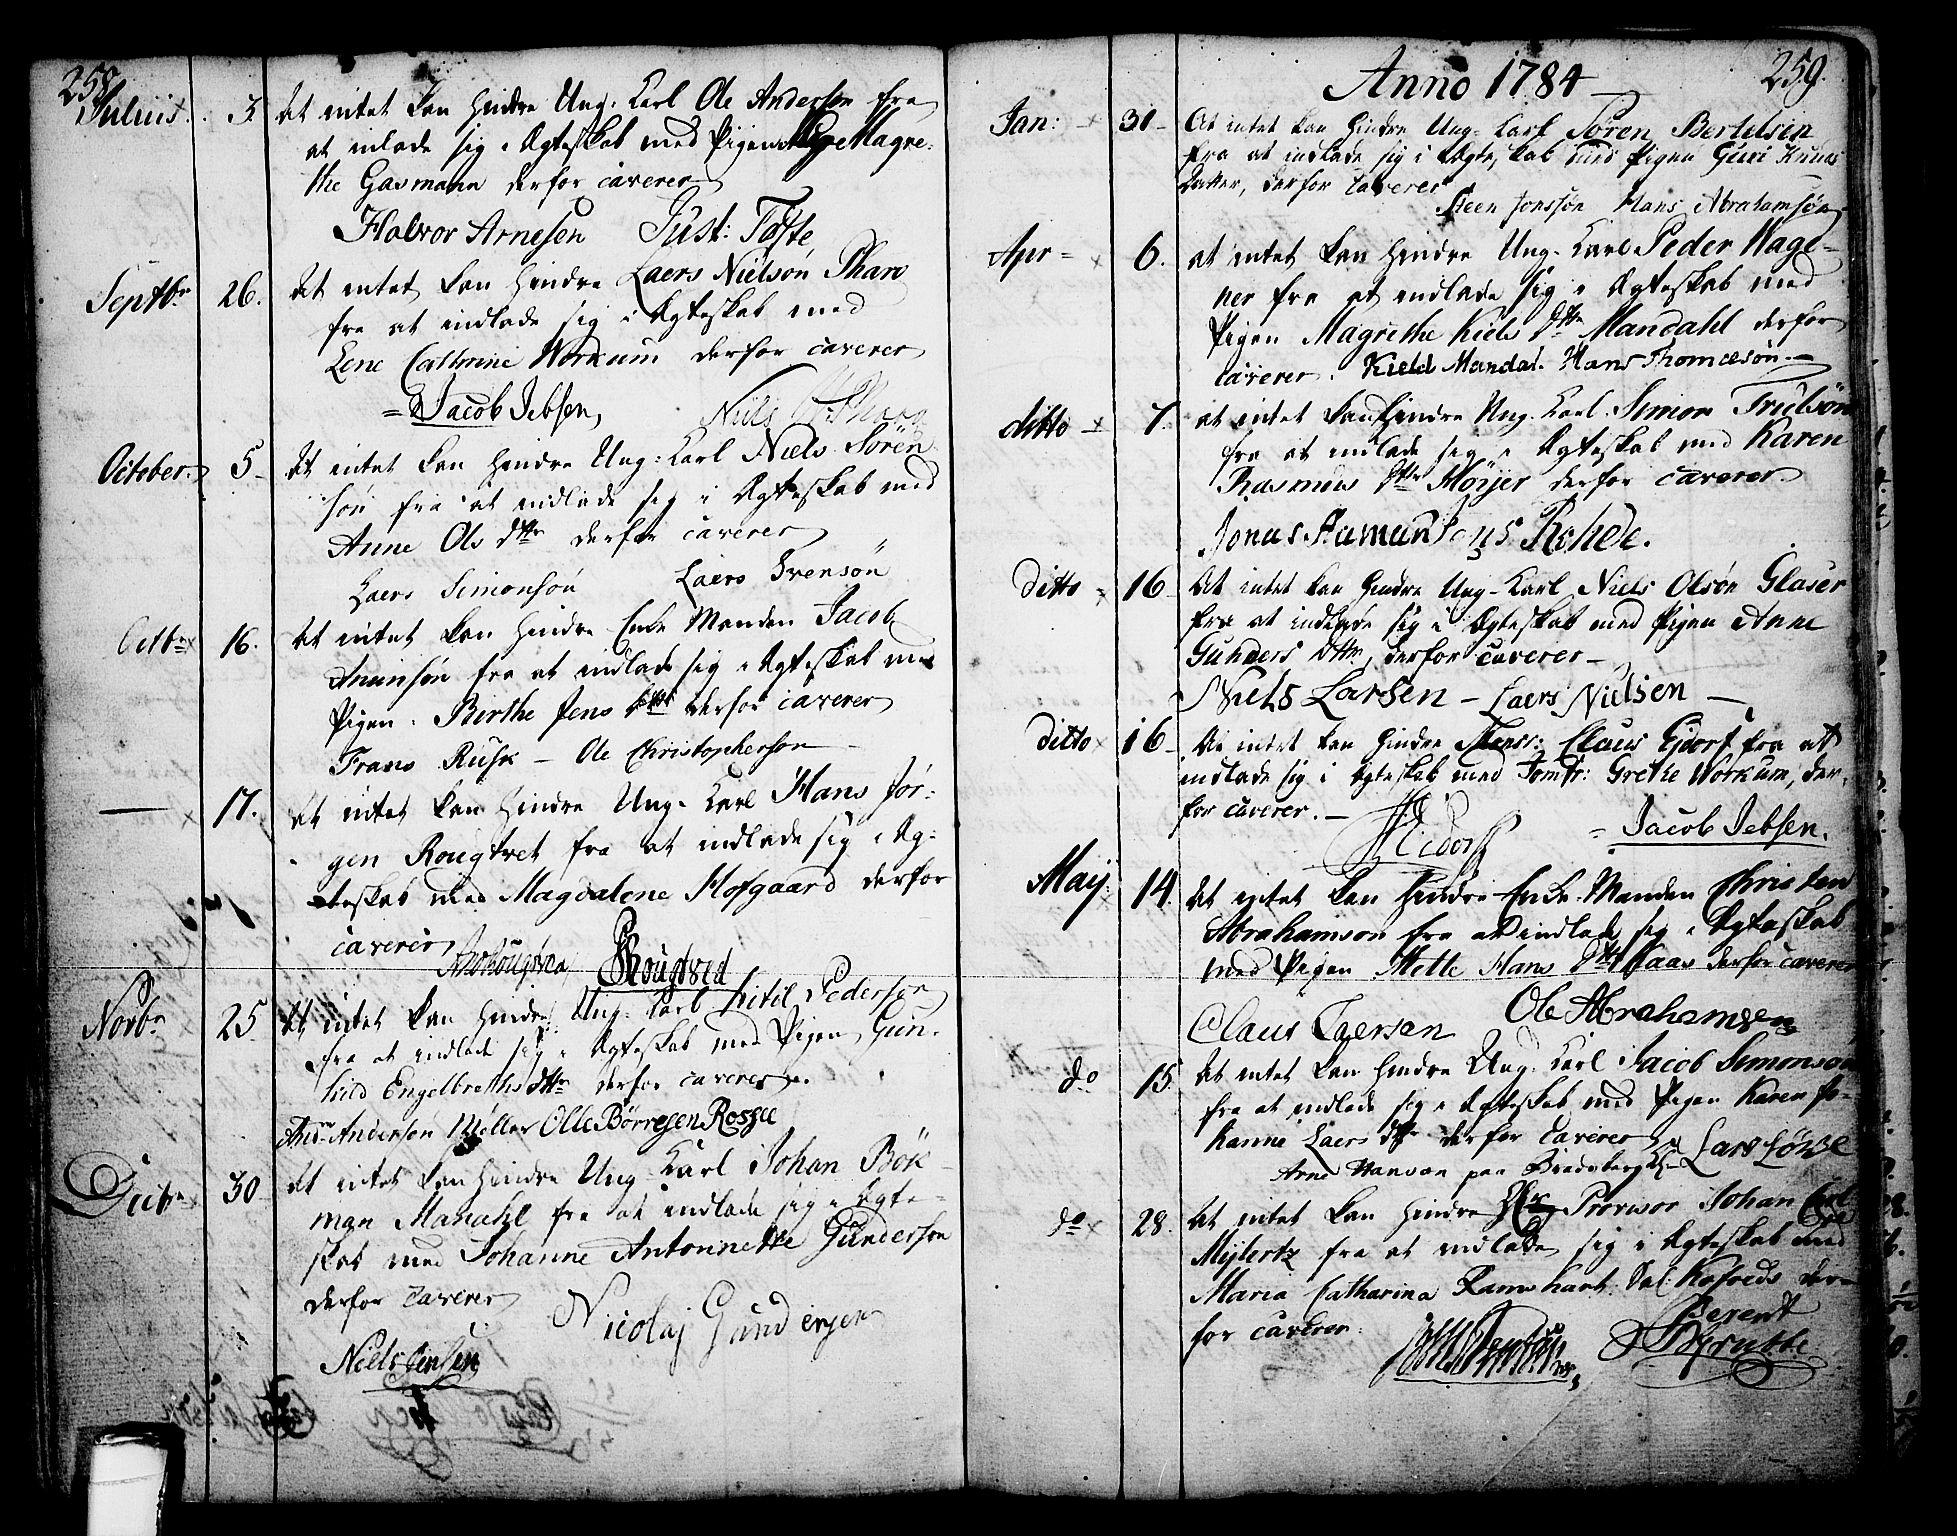 SAKO, Skien kirkebøker, F/Fa/L0003: Ministerialbok nr. 3, 1755-1791, s. 258-259